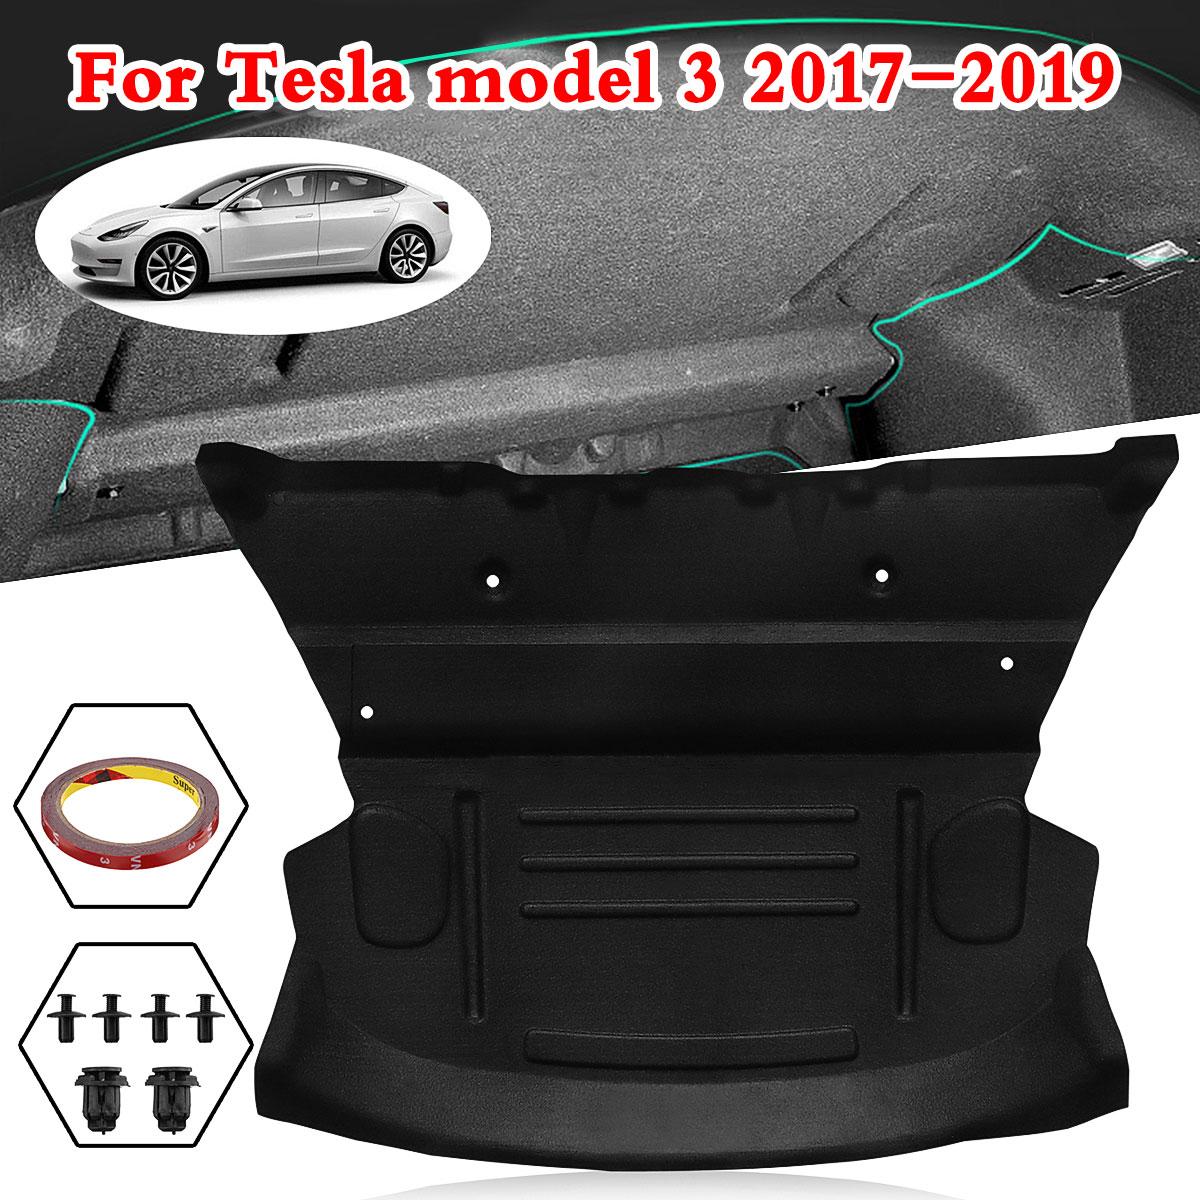 Auto Kofferbak Geluiddichte Katoen Mat Geluid Proof Deadening Beschermende Cover Sticker Voor Tesla Model 3 2017 2018 2019